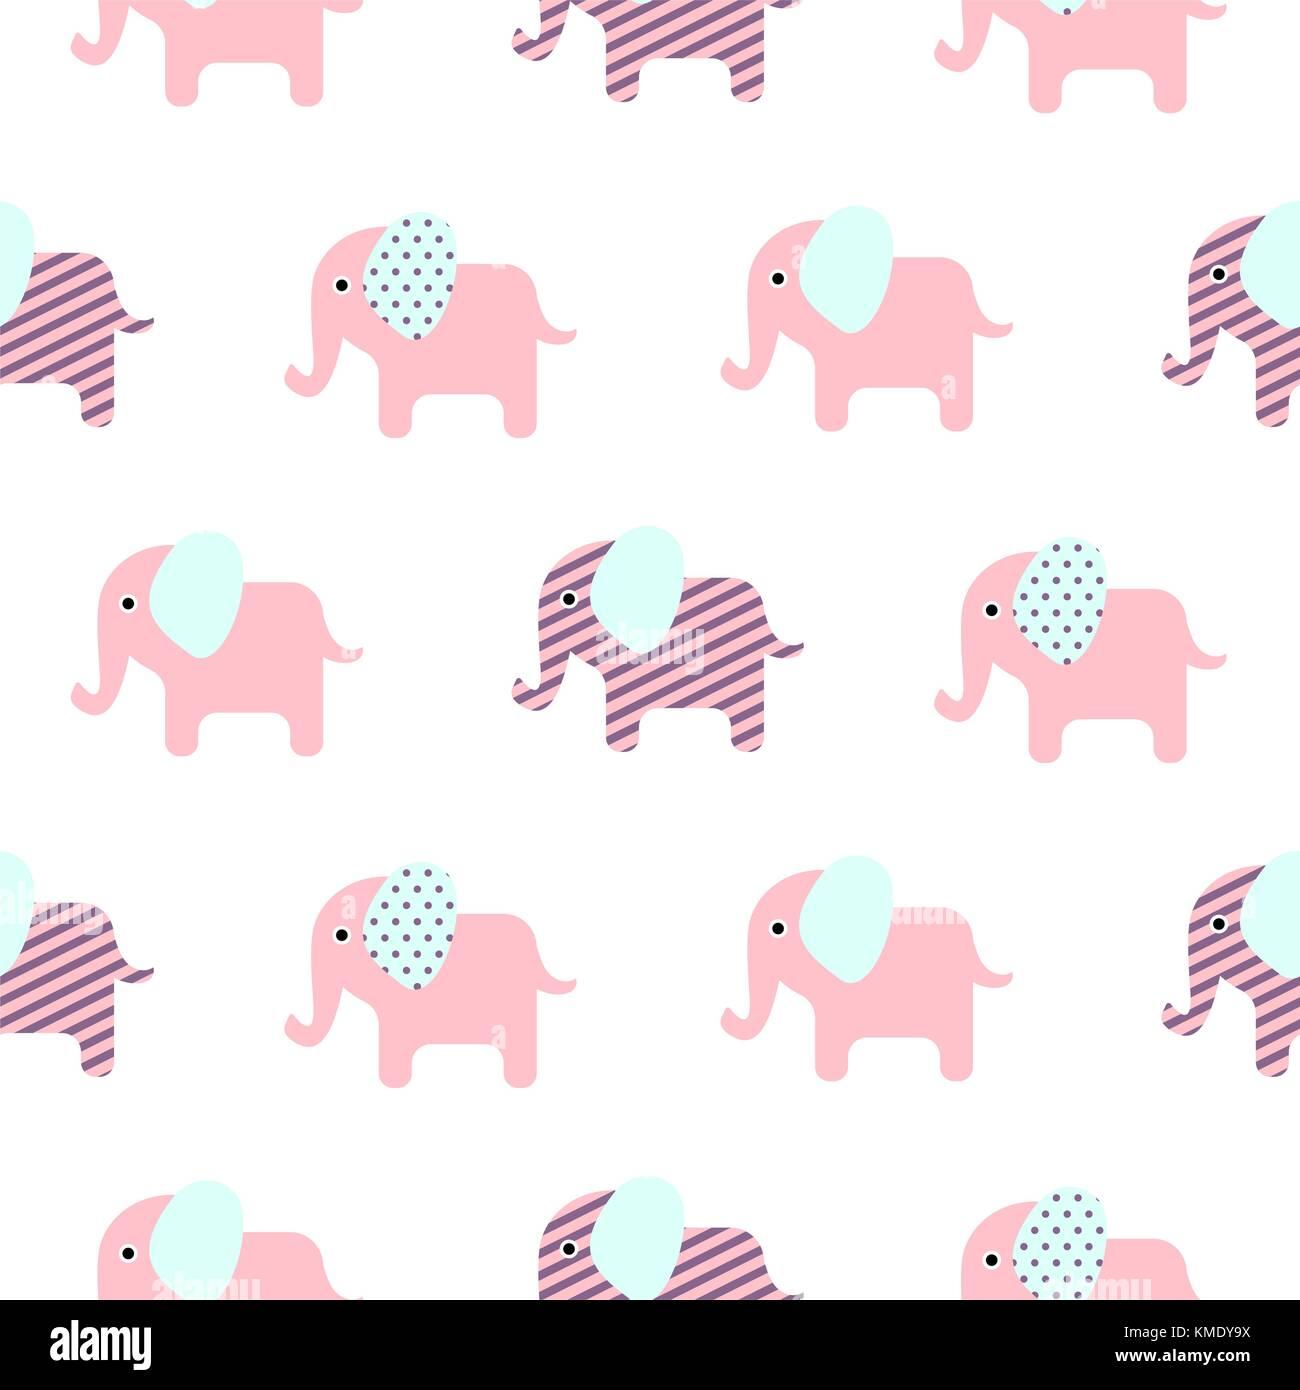 Cute Dibujos Animados Elefante Bebé Patrón Sin Fisuras Ilustración